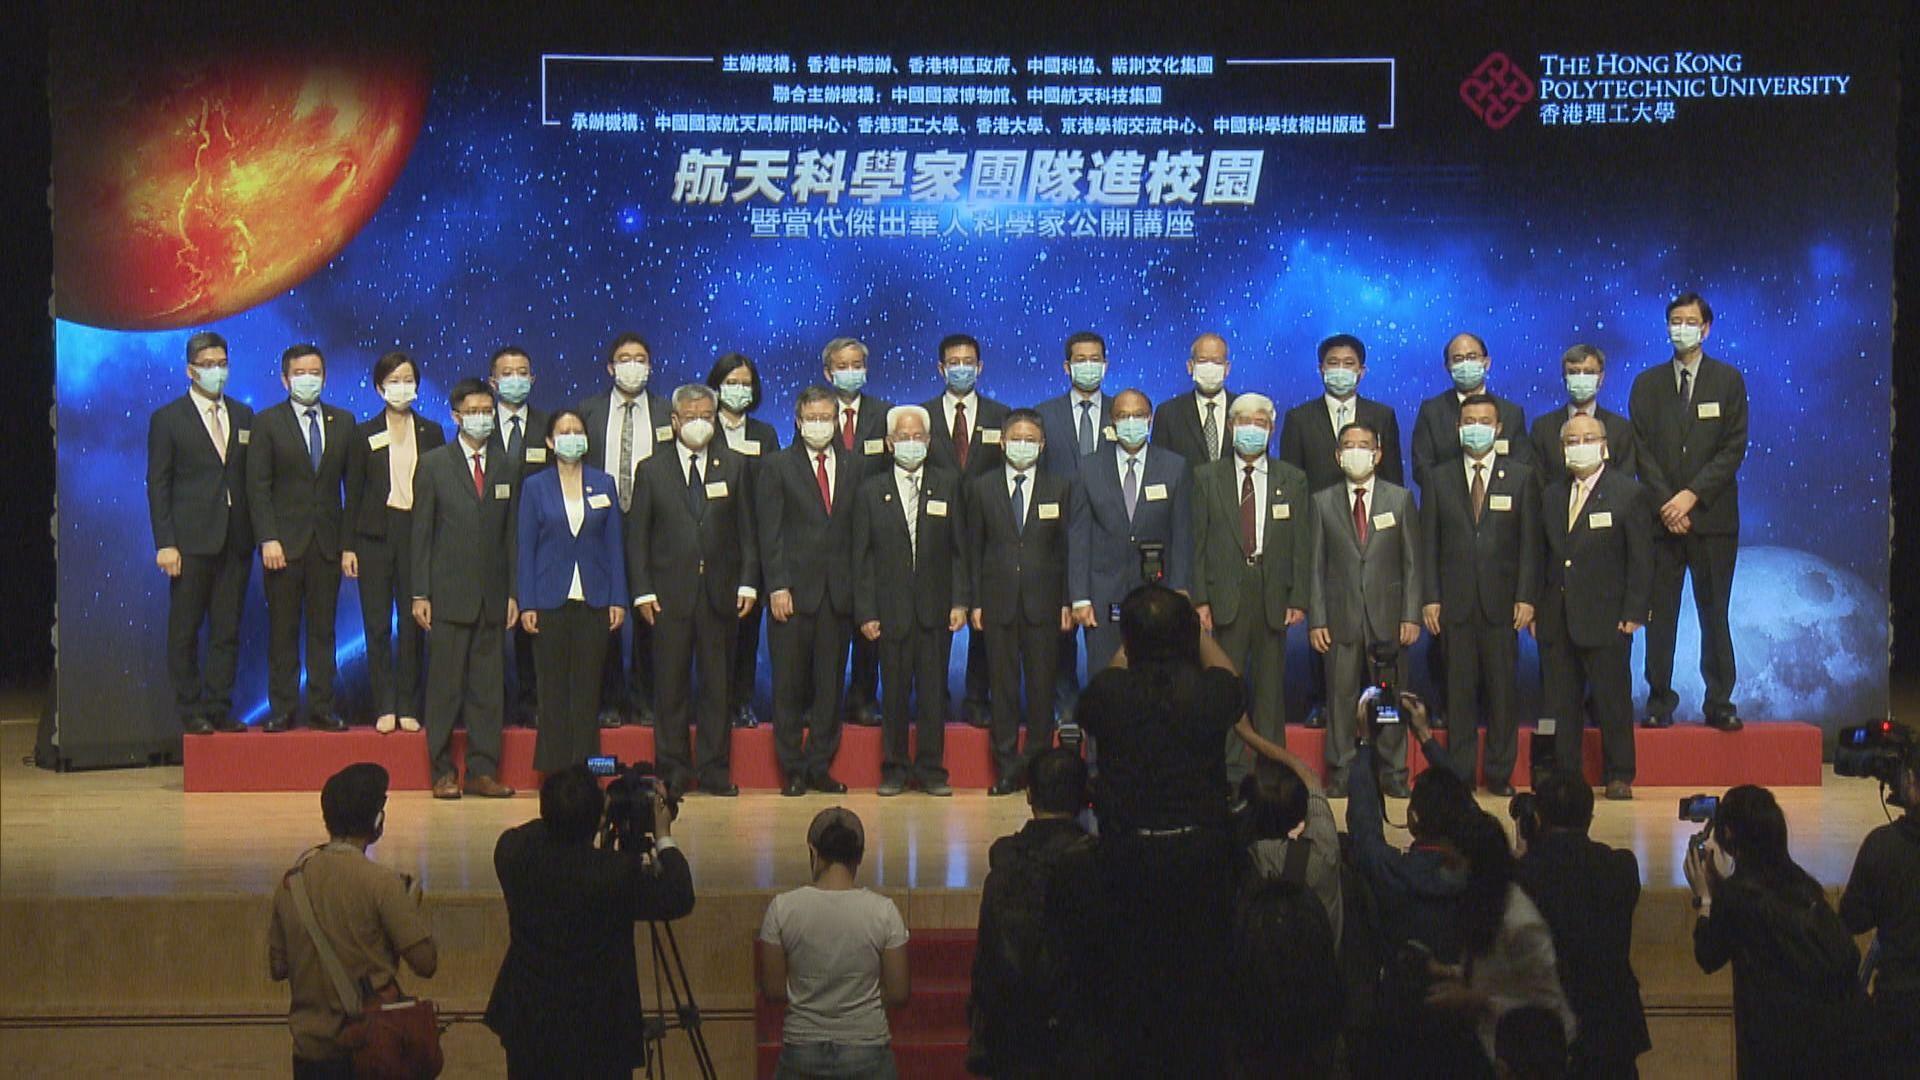 訪港航天專家:中國07年後進行反衛星導彈試驗 有保衛國家主權能力